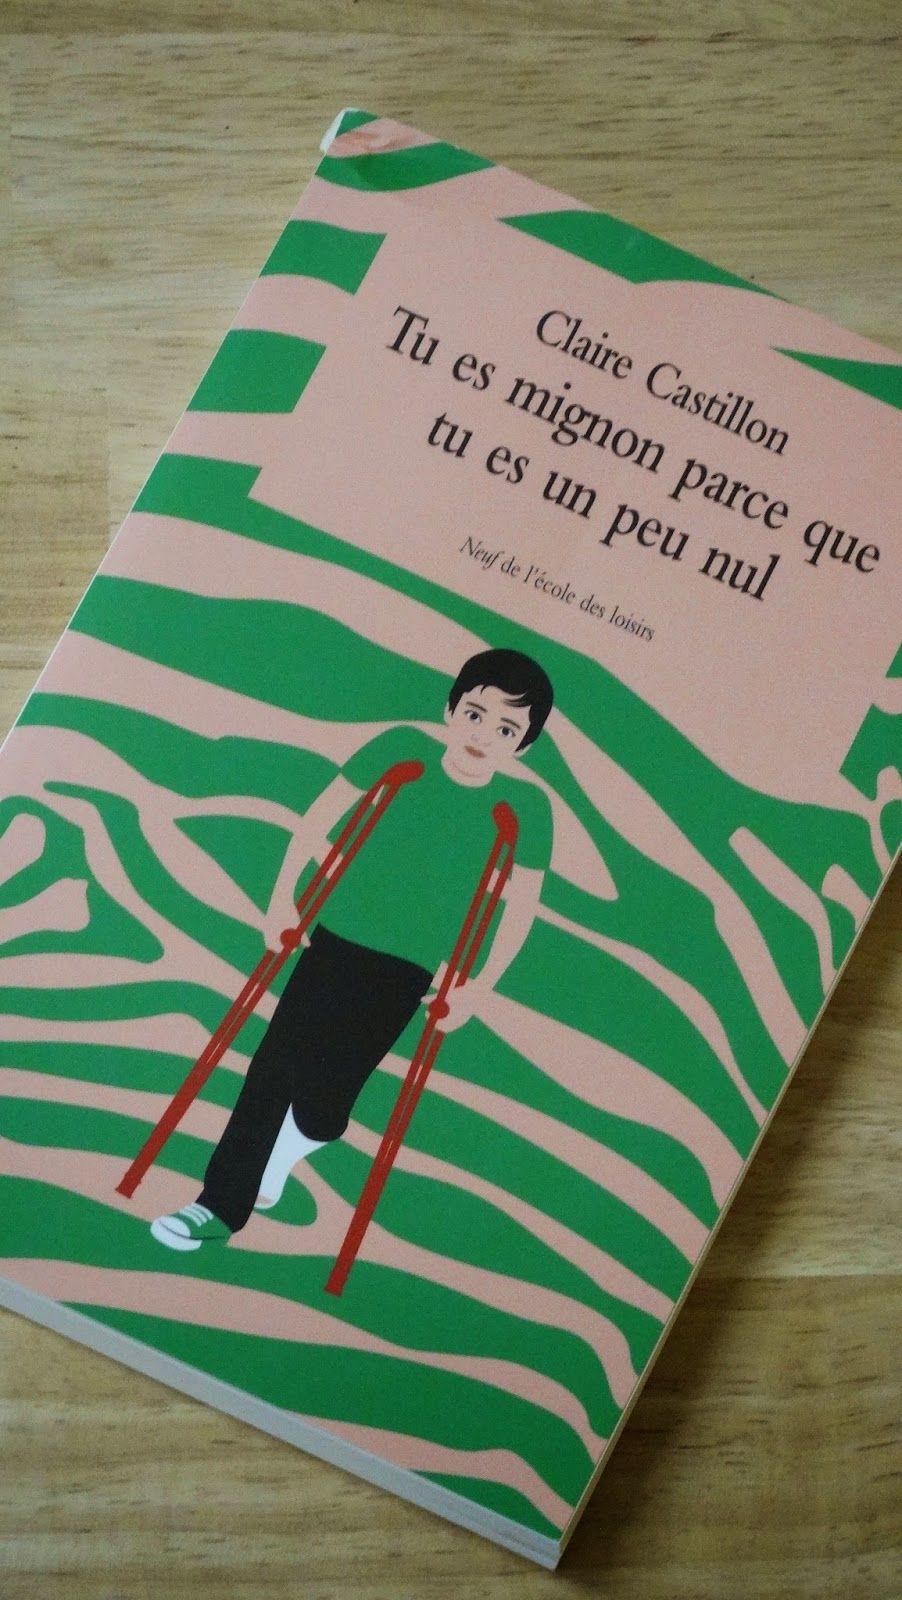 Butiner de livres en livres: Tu es mignon parce que tu es un peu nul